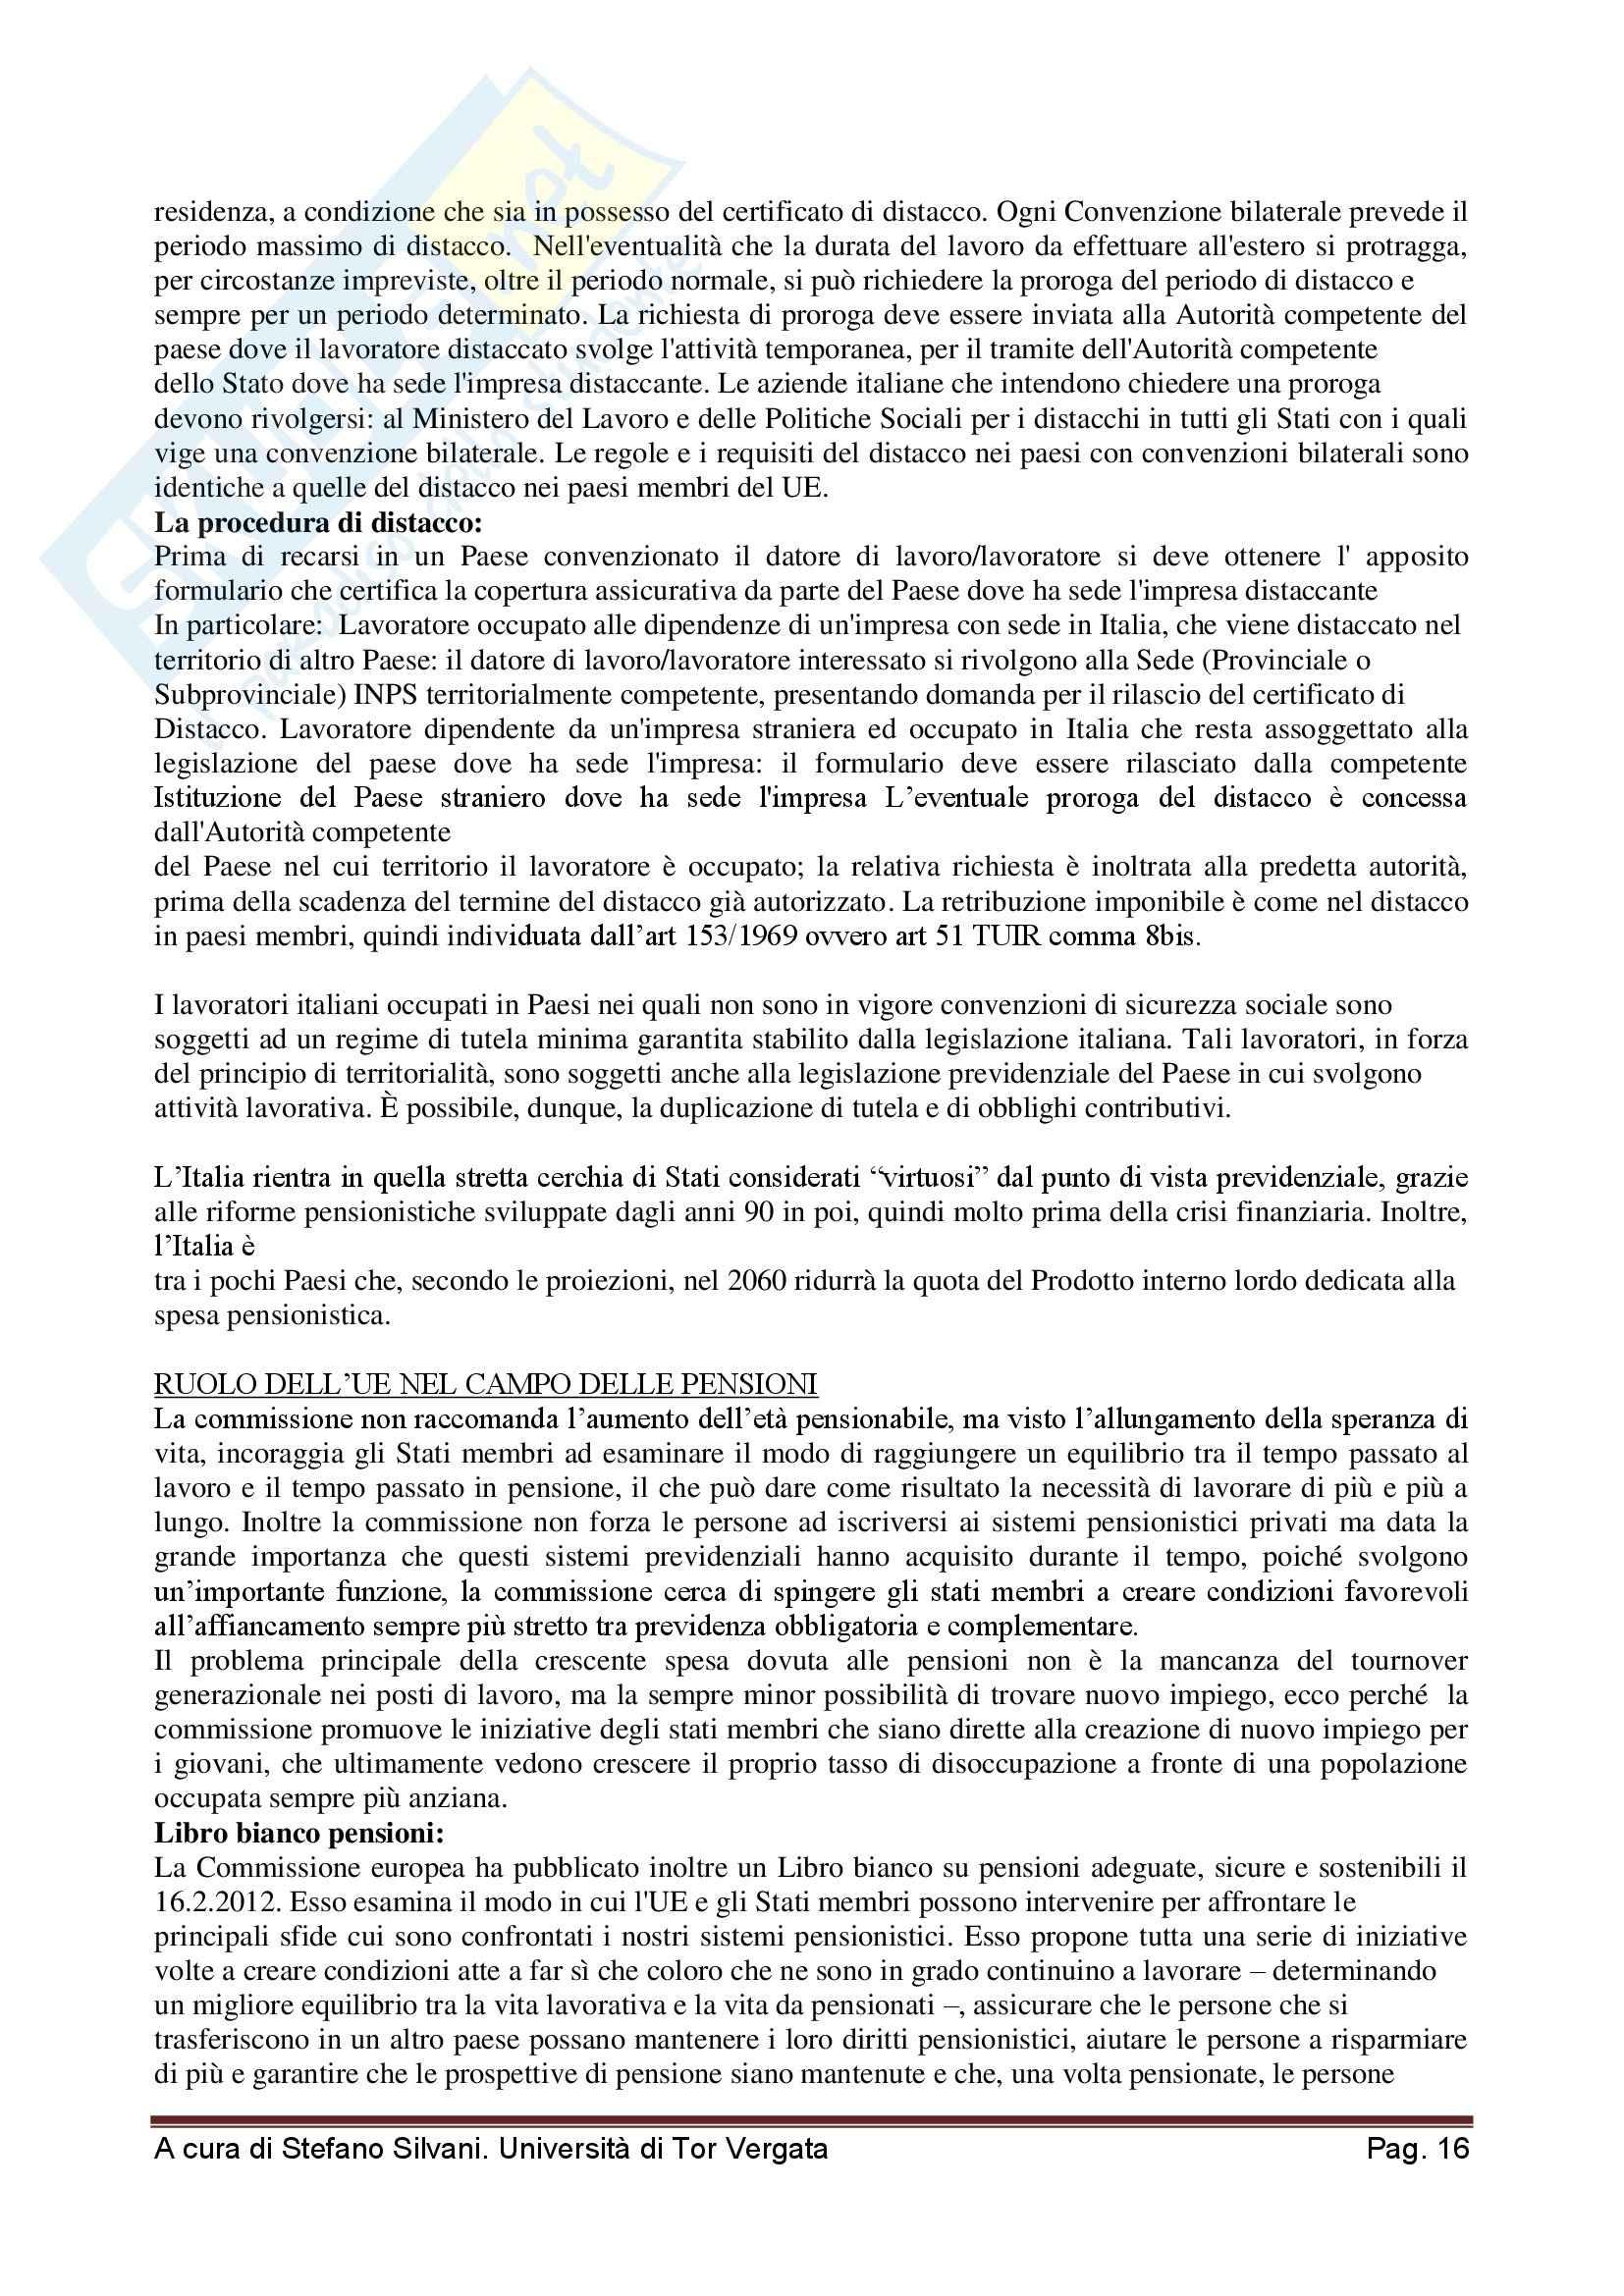 Sistema pensionistico della previdenza complementare e obbligatoria - Appunti Pag. 16